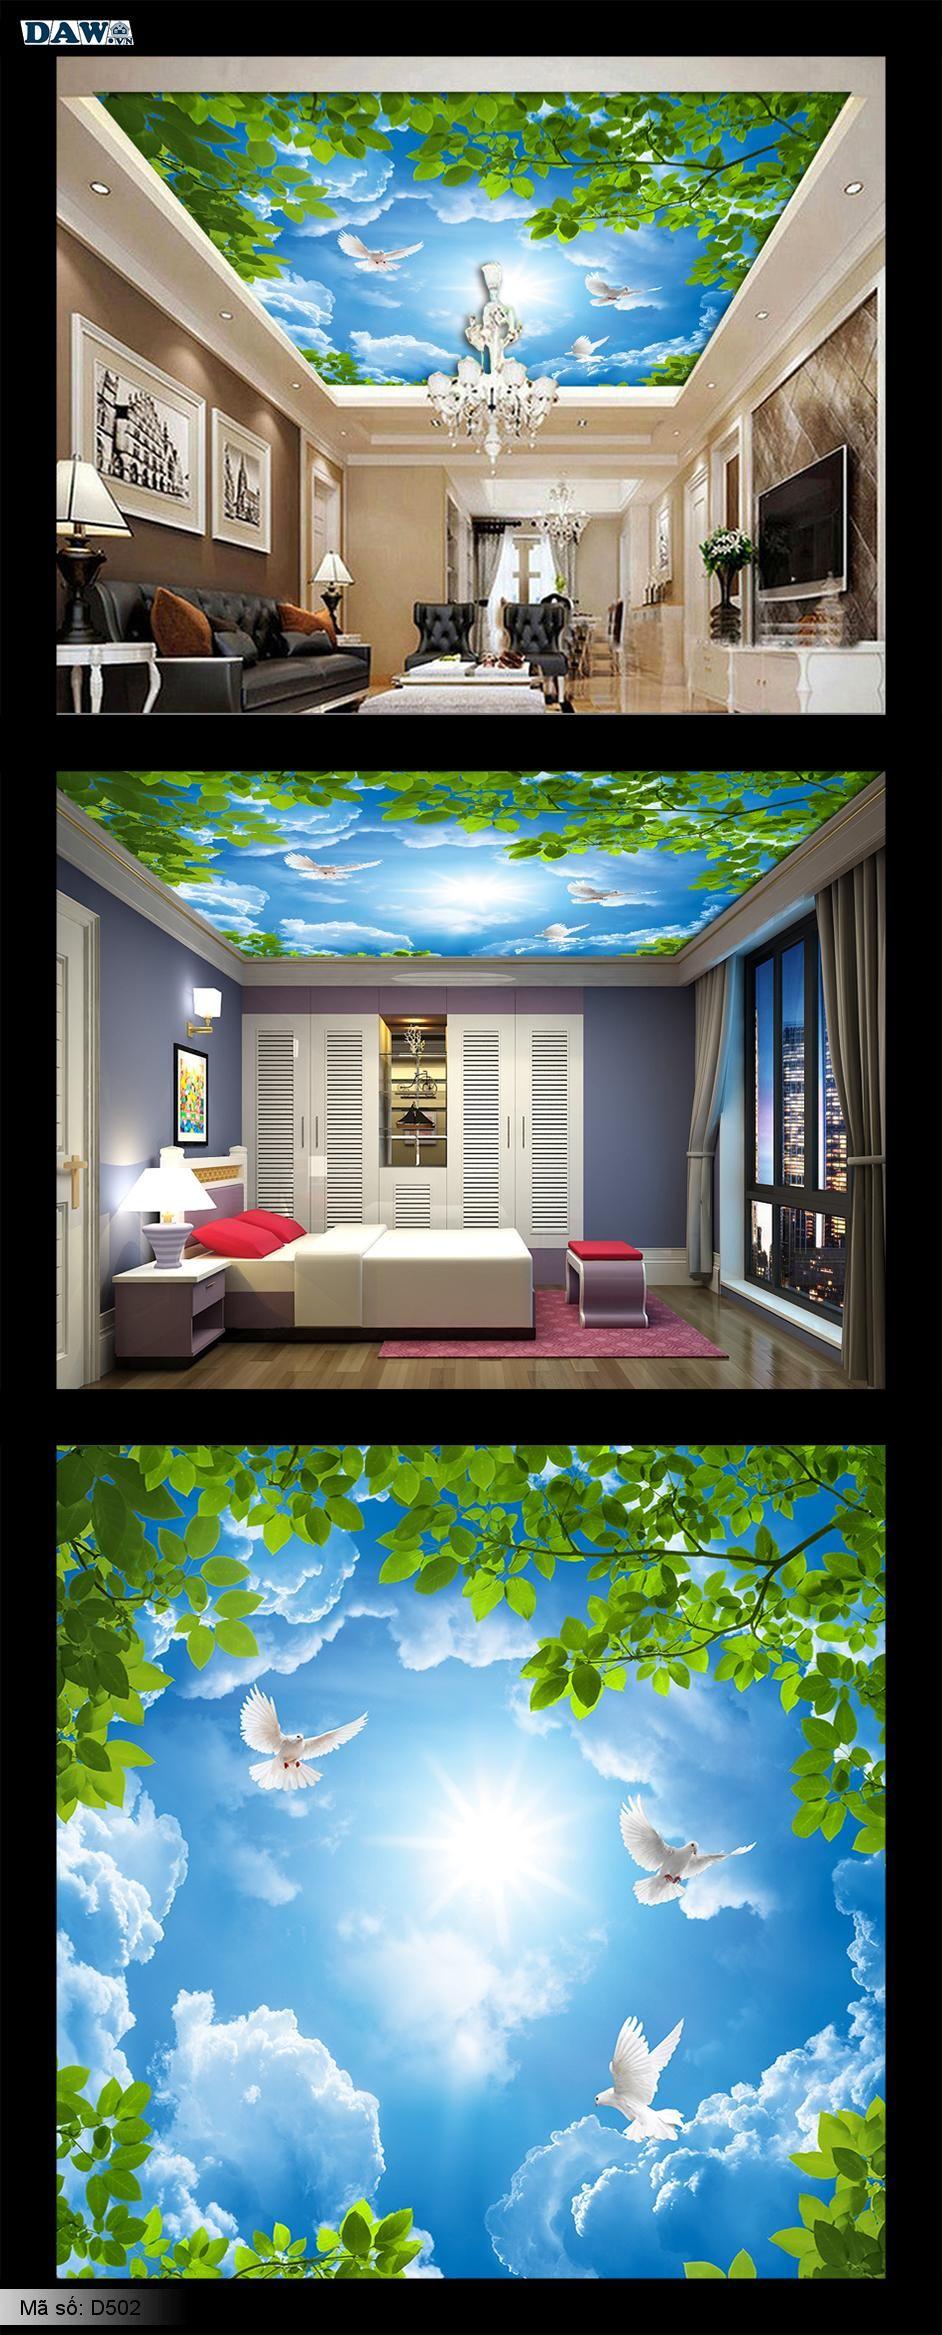 Tranh dán tường trần nhà, Tranh bầu trời, Tranh dán trần nhà, trần nhà hình bầu trời xanh, trần đẹp D502